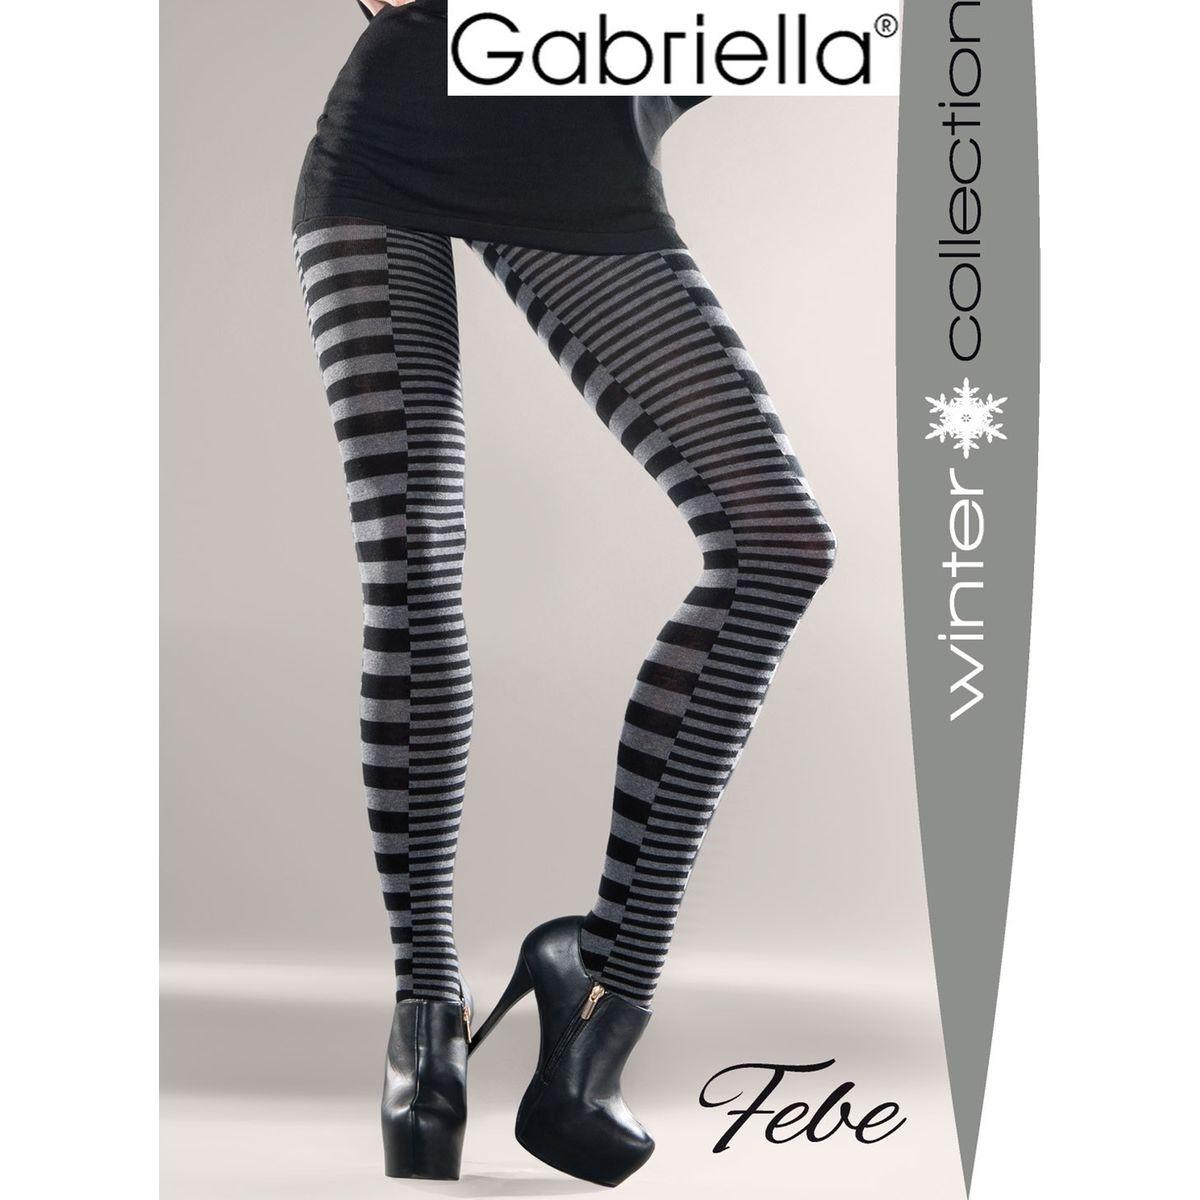 Collant Gabriella Febe